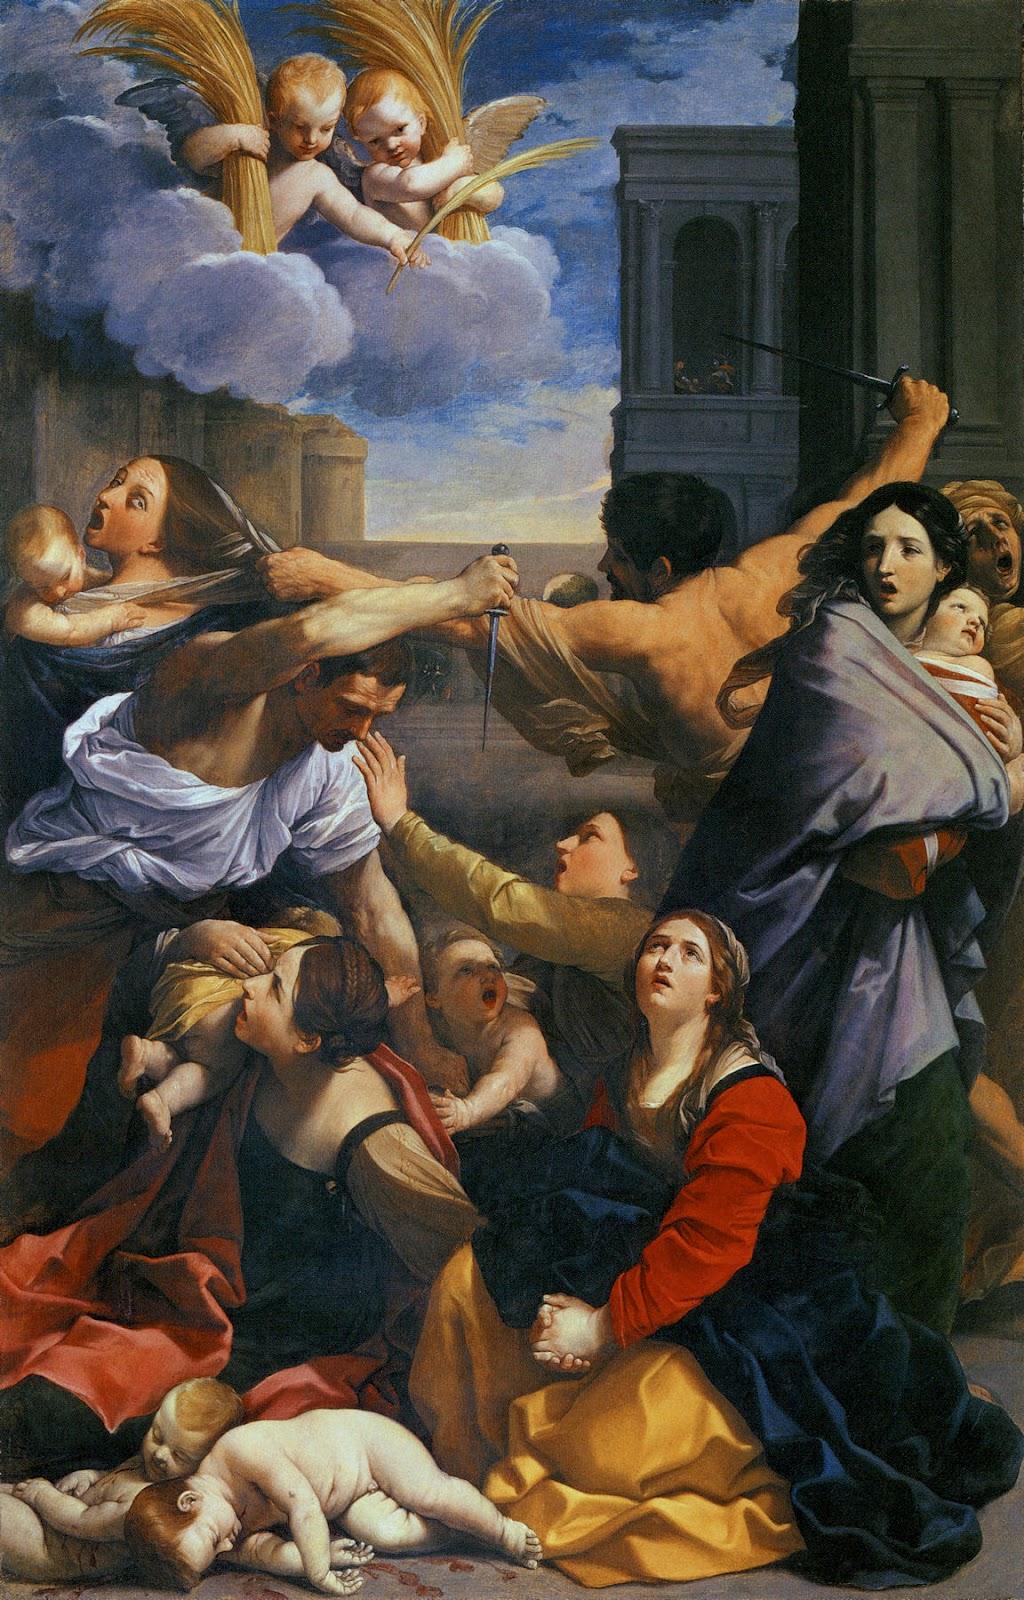 Гвидо Рени, 1611.